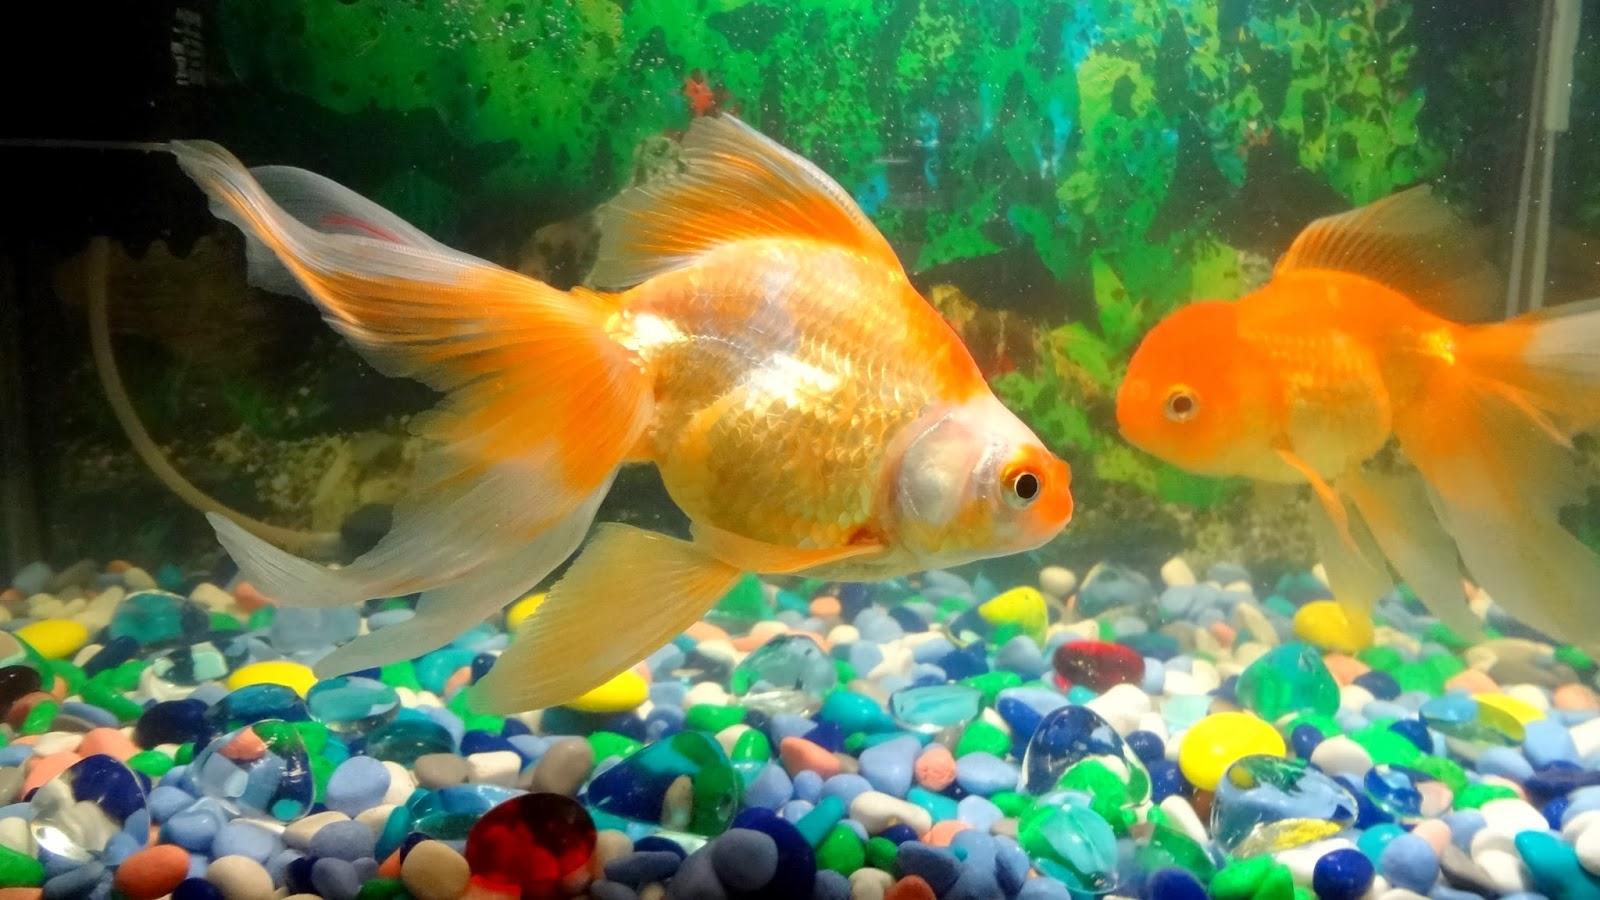 потрясающие фотографии аквариумных рыб руководства лидерства